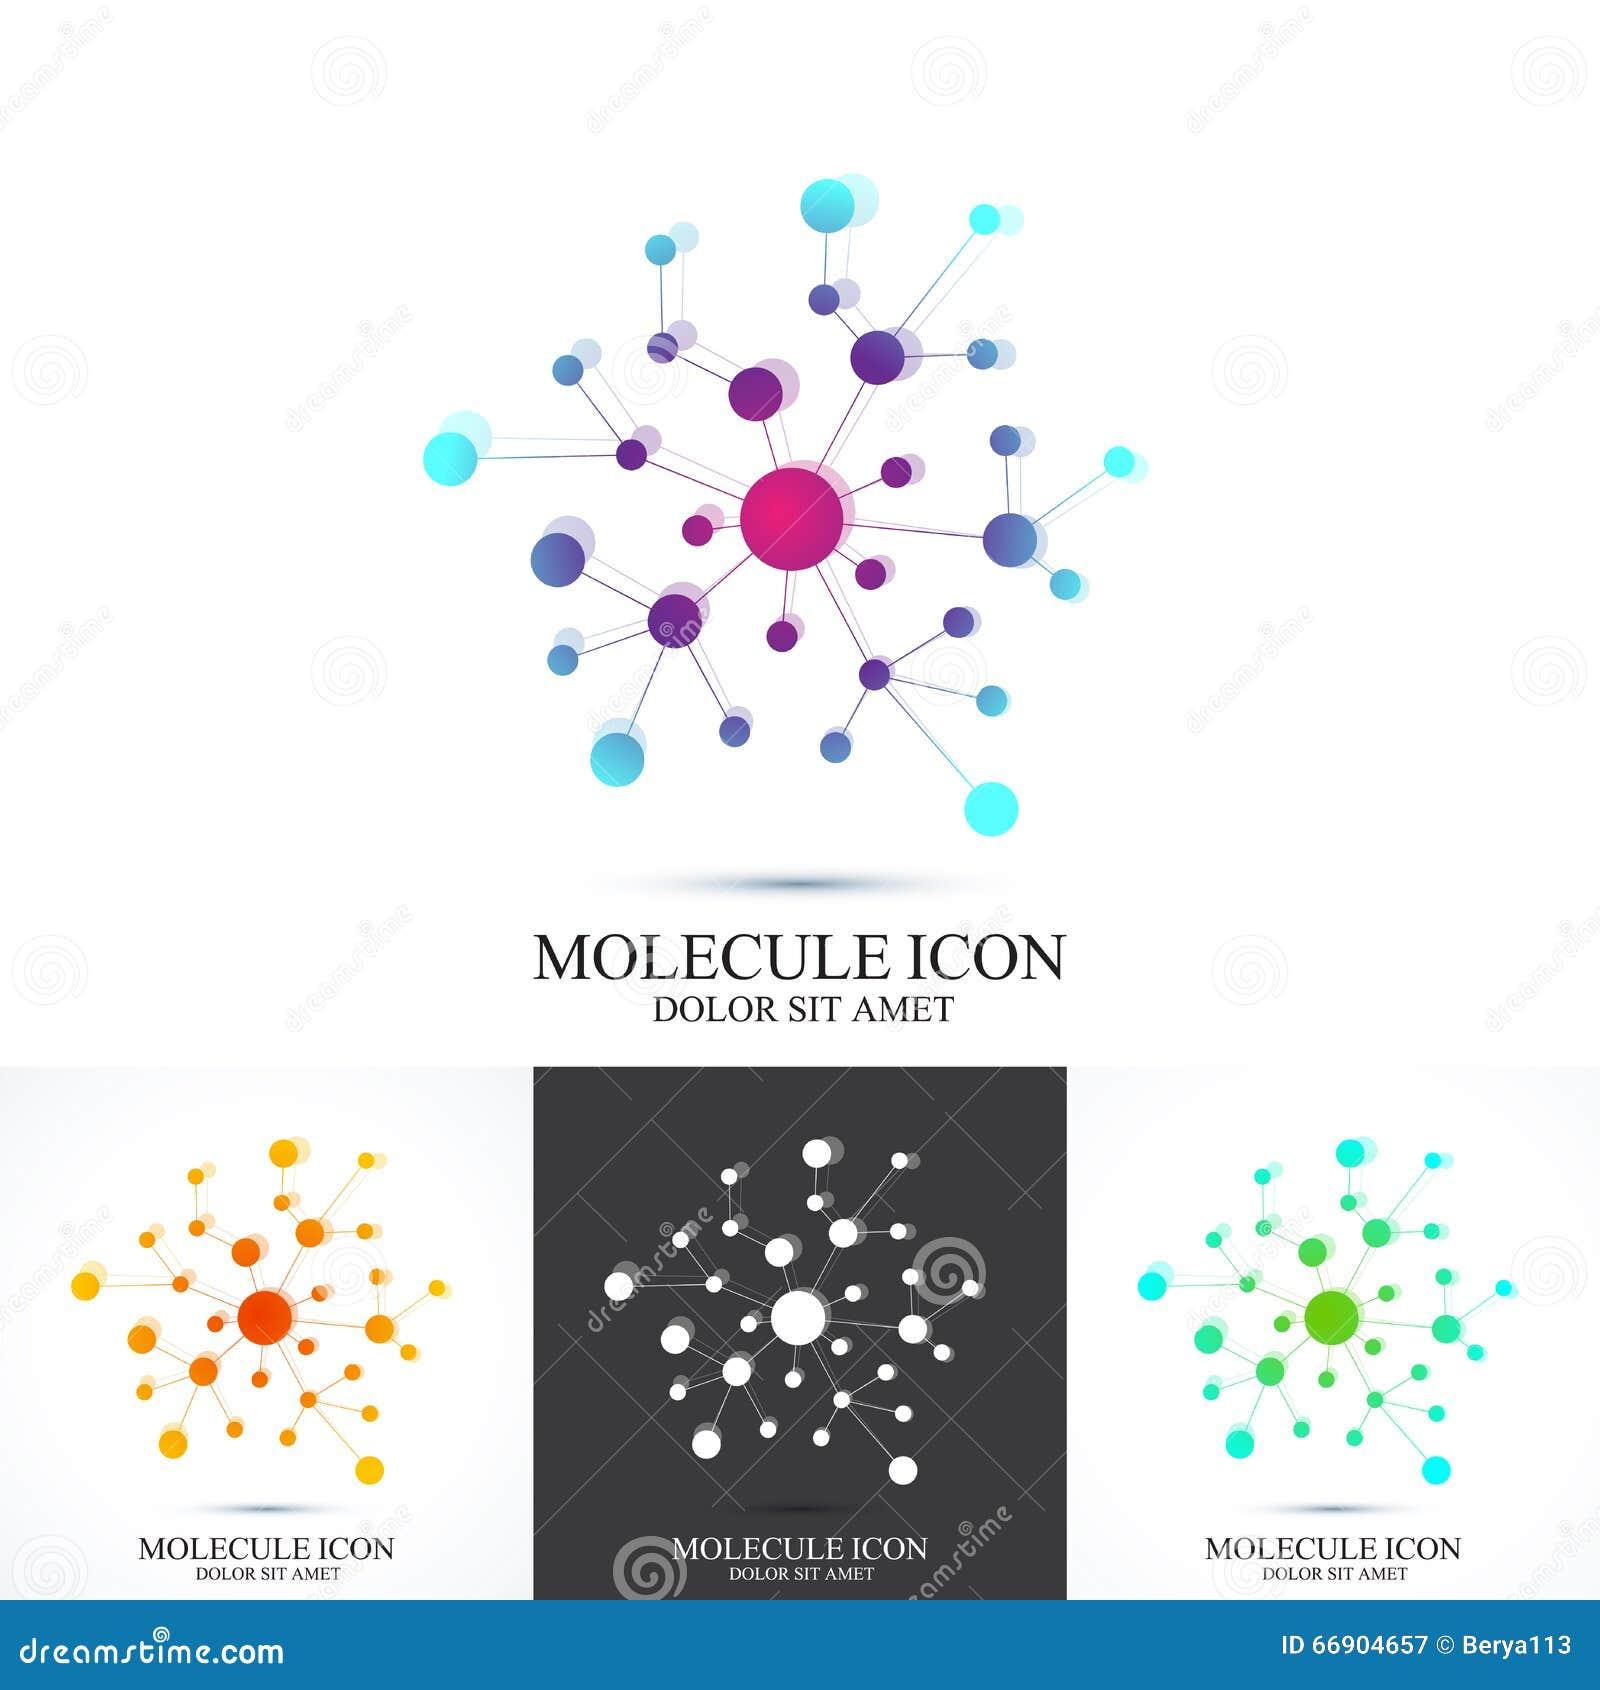 现代集合略写法象脱氧核糖核酸和分子 导航医学的,科学,技术,化学,生物工艺学模板